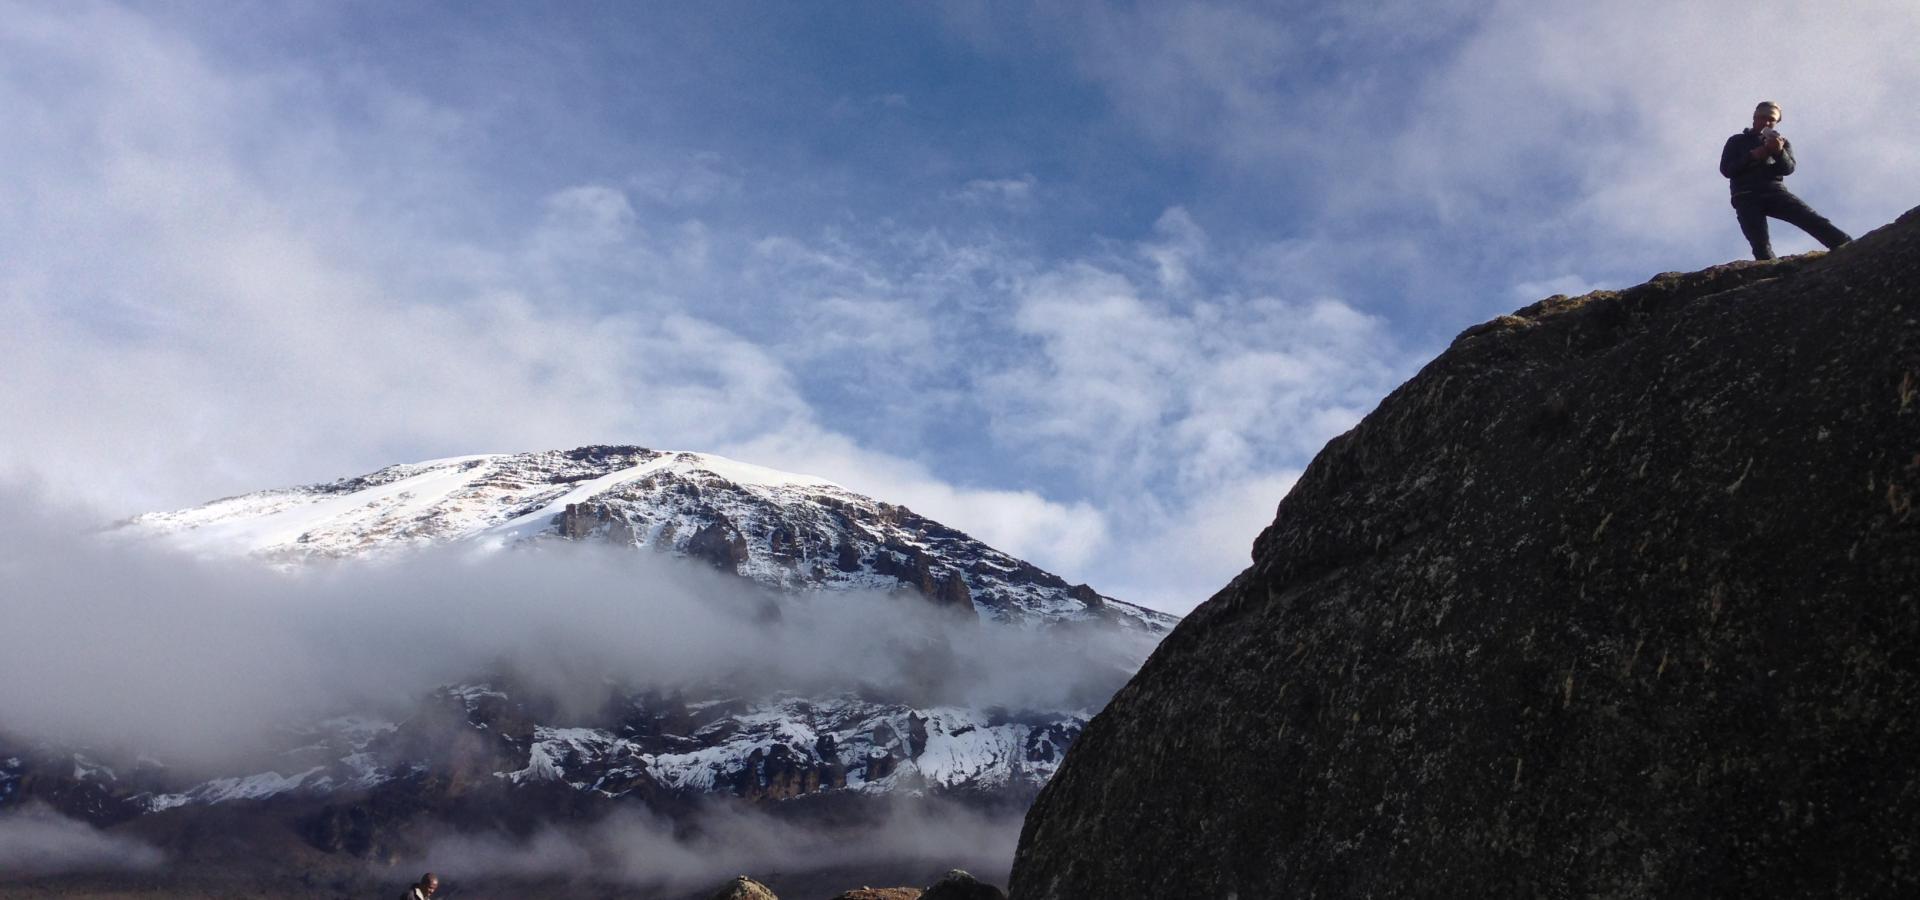 Den majestätischen Kilimanjaro zu besteigen ist der Traum jedes naturbegeisterten Bergsteigers